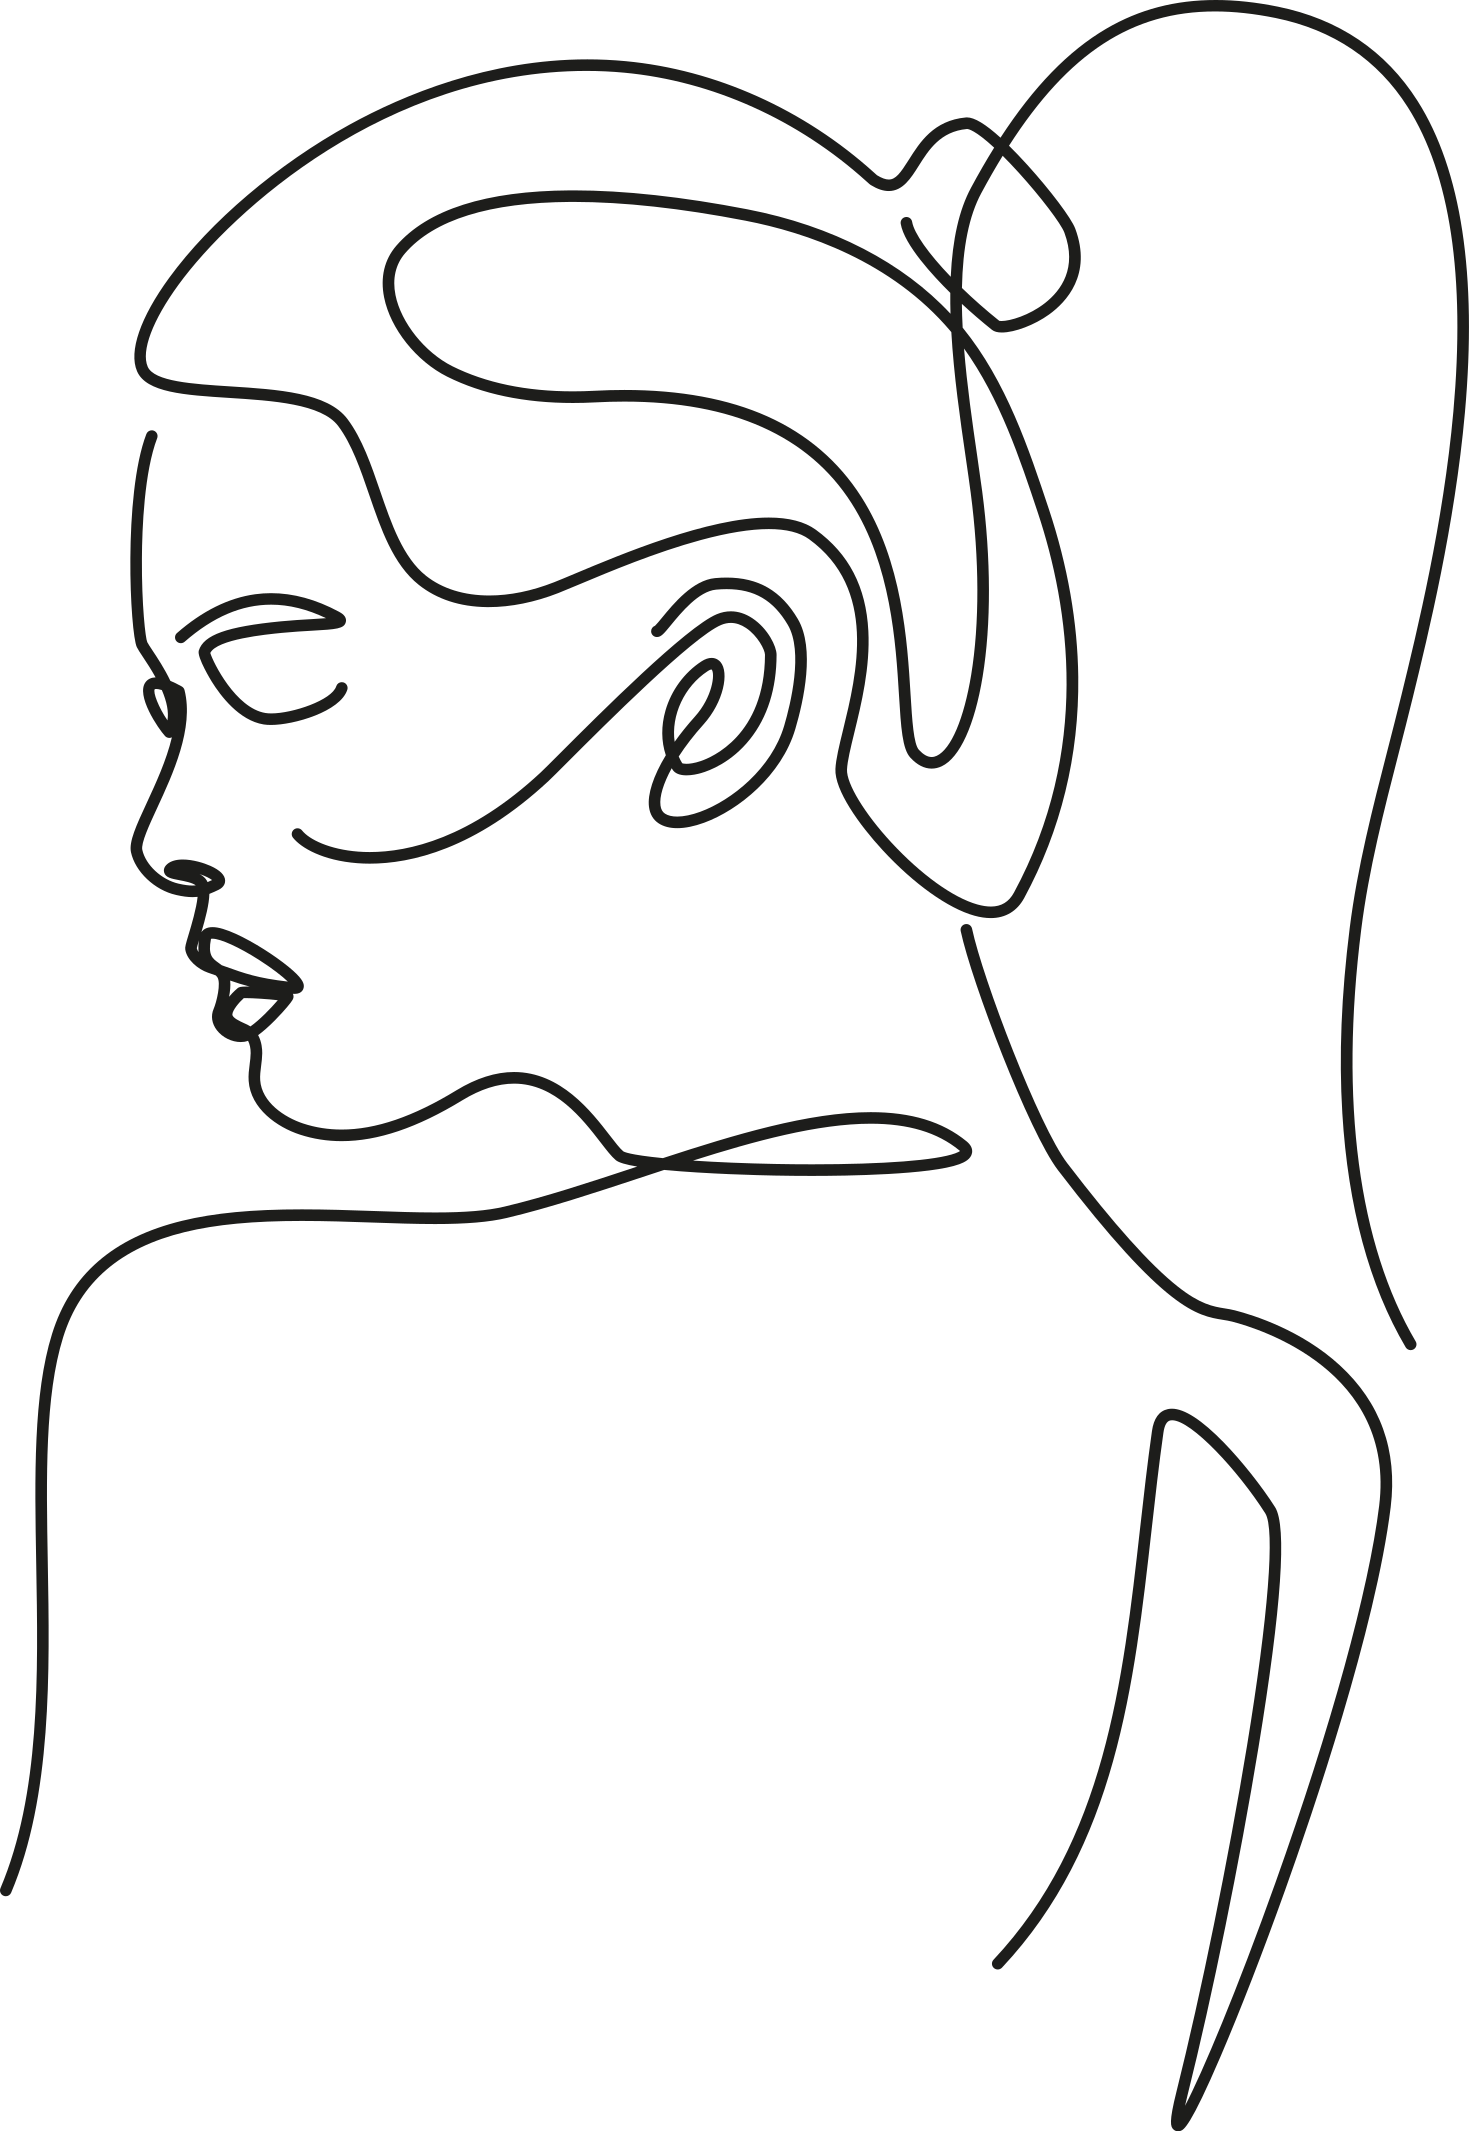 TENSTICKERS. ショップの人々のデカールのための女性のエレガントなラインアートスタイル. 芸術的なウォールステッカー、女性らしさのすべての美しさを強調するデザインで描かれた、後ろから見たエレガントな若い女性の絵